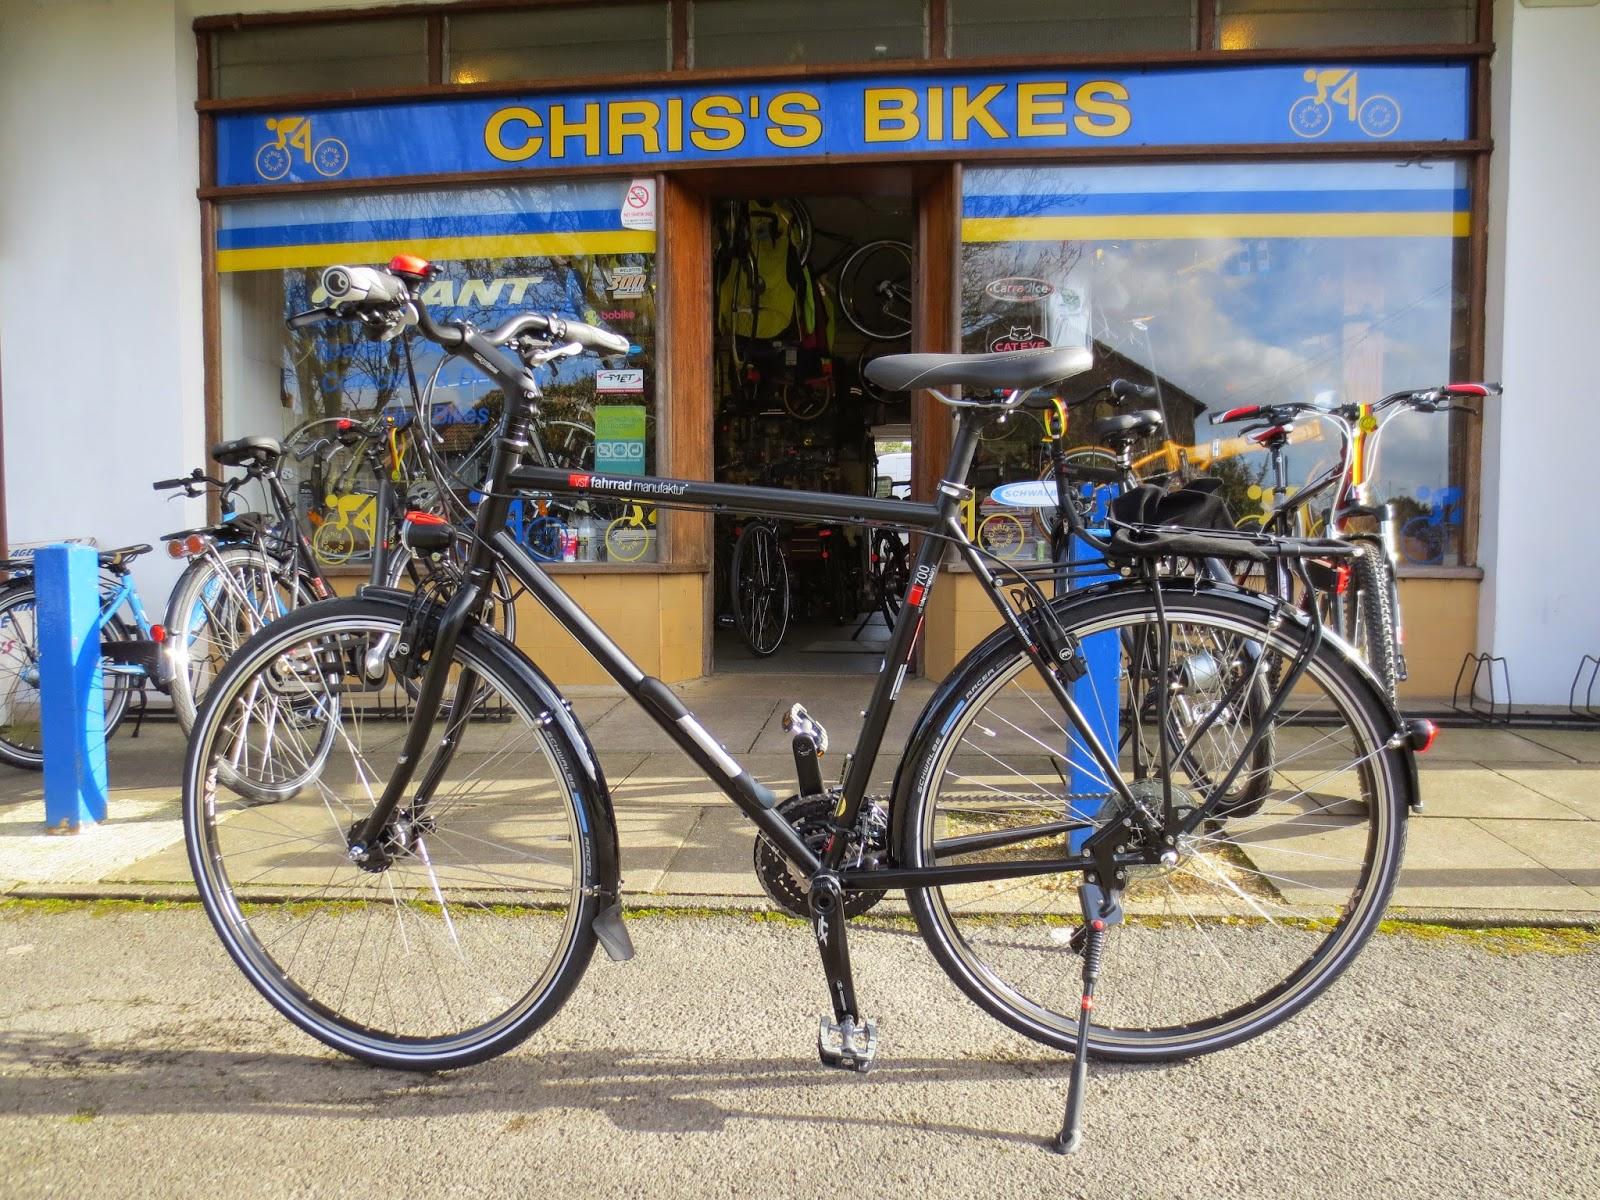 2 gang fahrrad